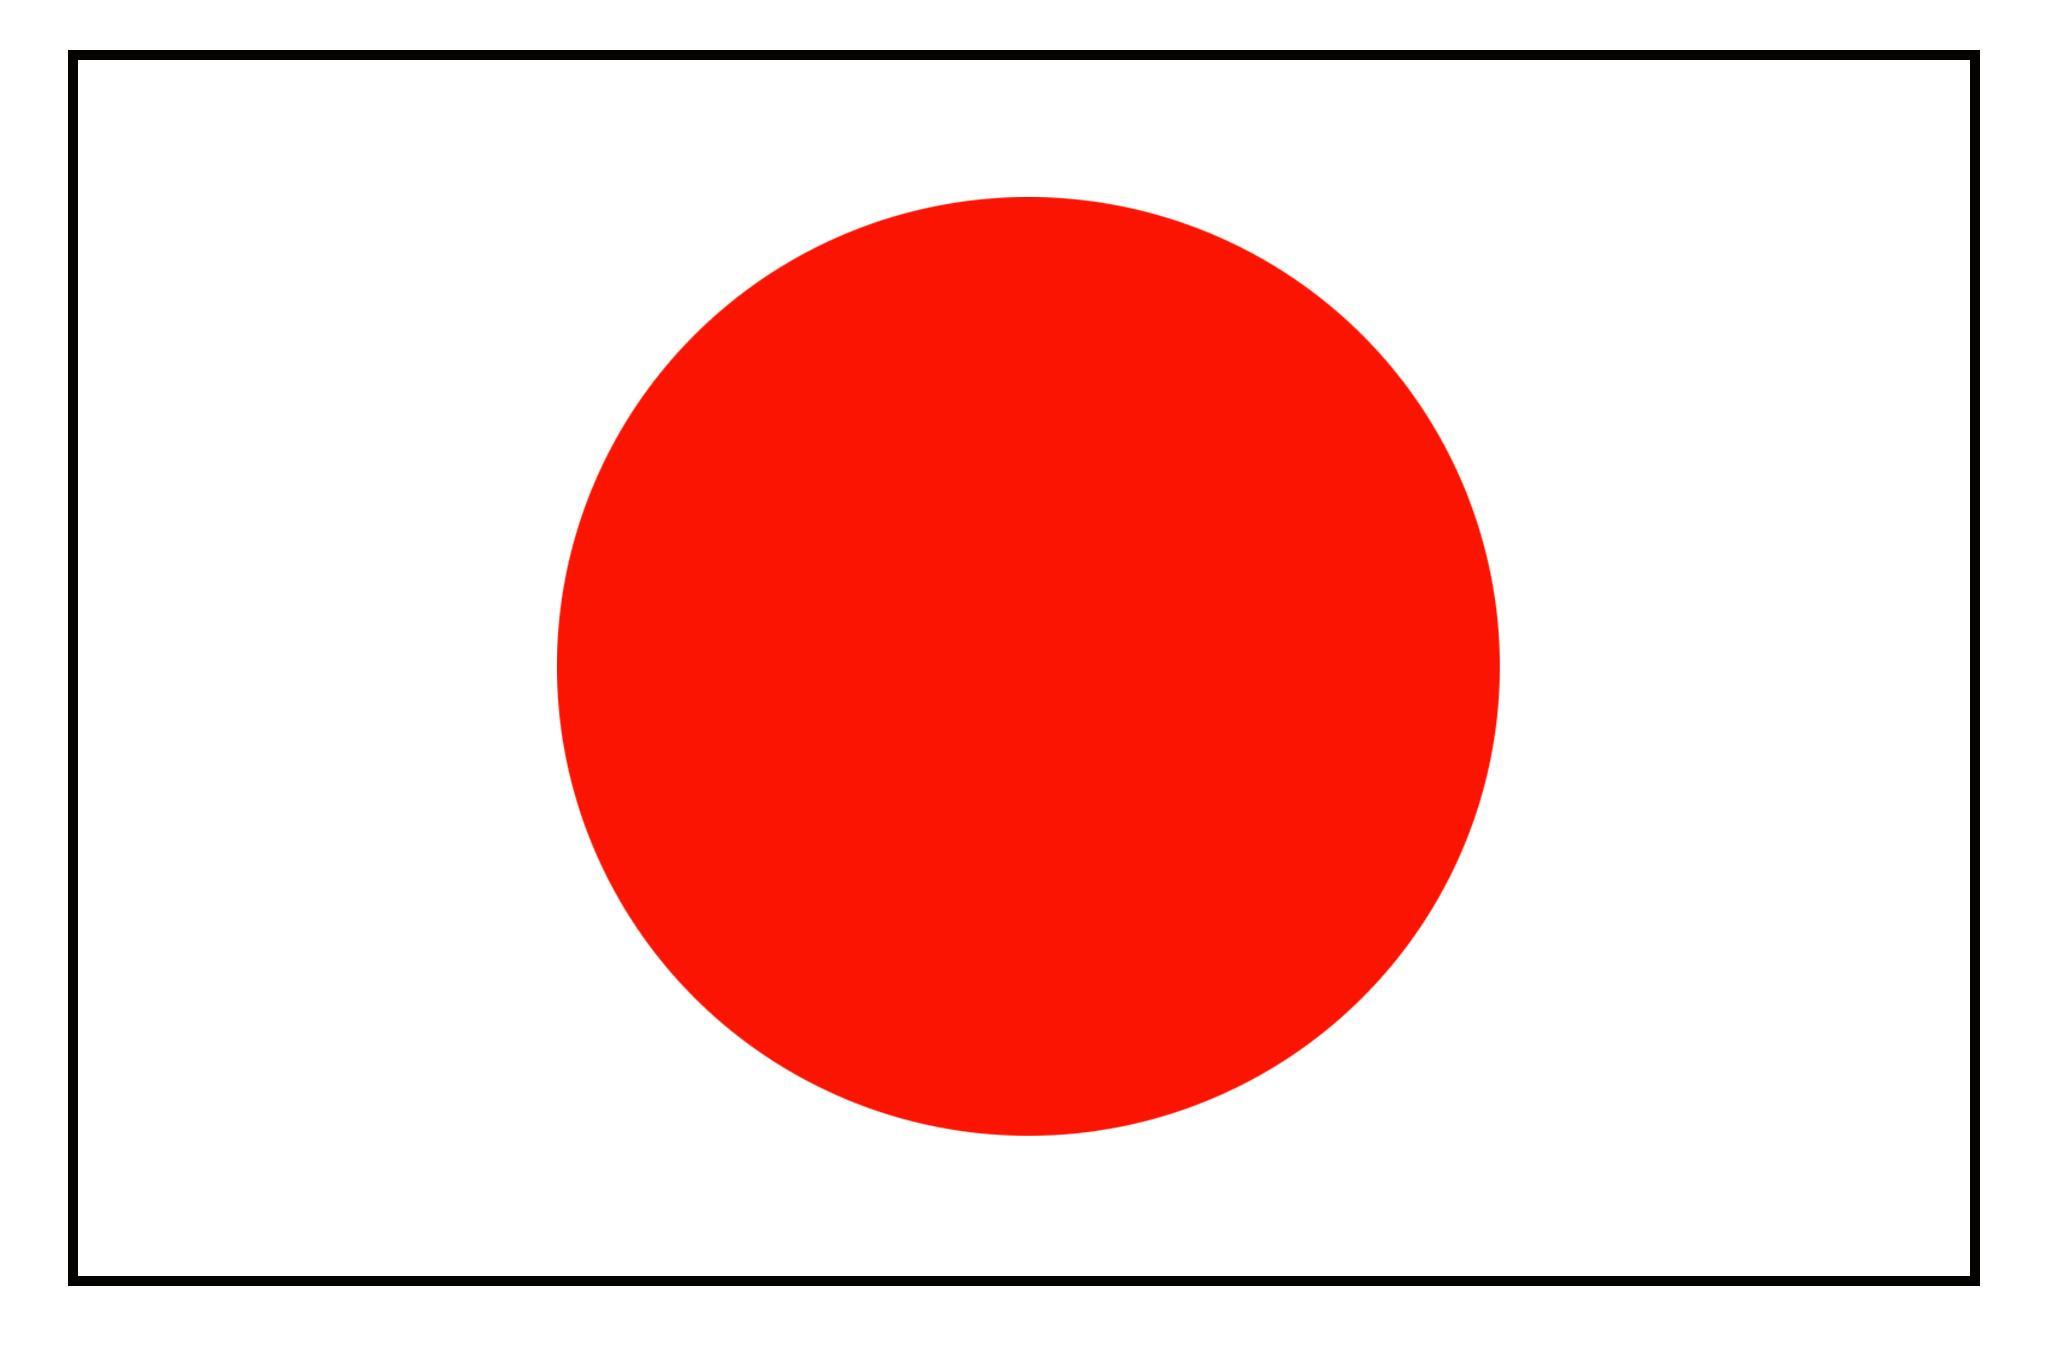 জাপানে ভুয়া রেসিডেন্স কার্ড ঘটনার সংখ্যা ২০১৮ সালে ছিল রেকর্ড সর্বোচ্চ